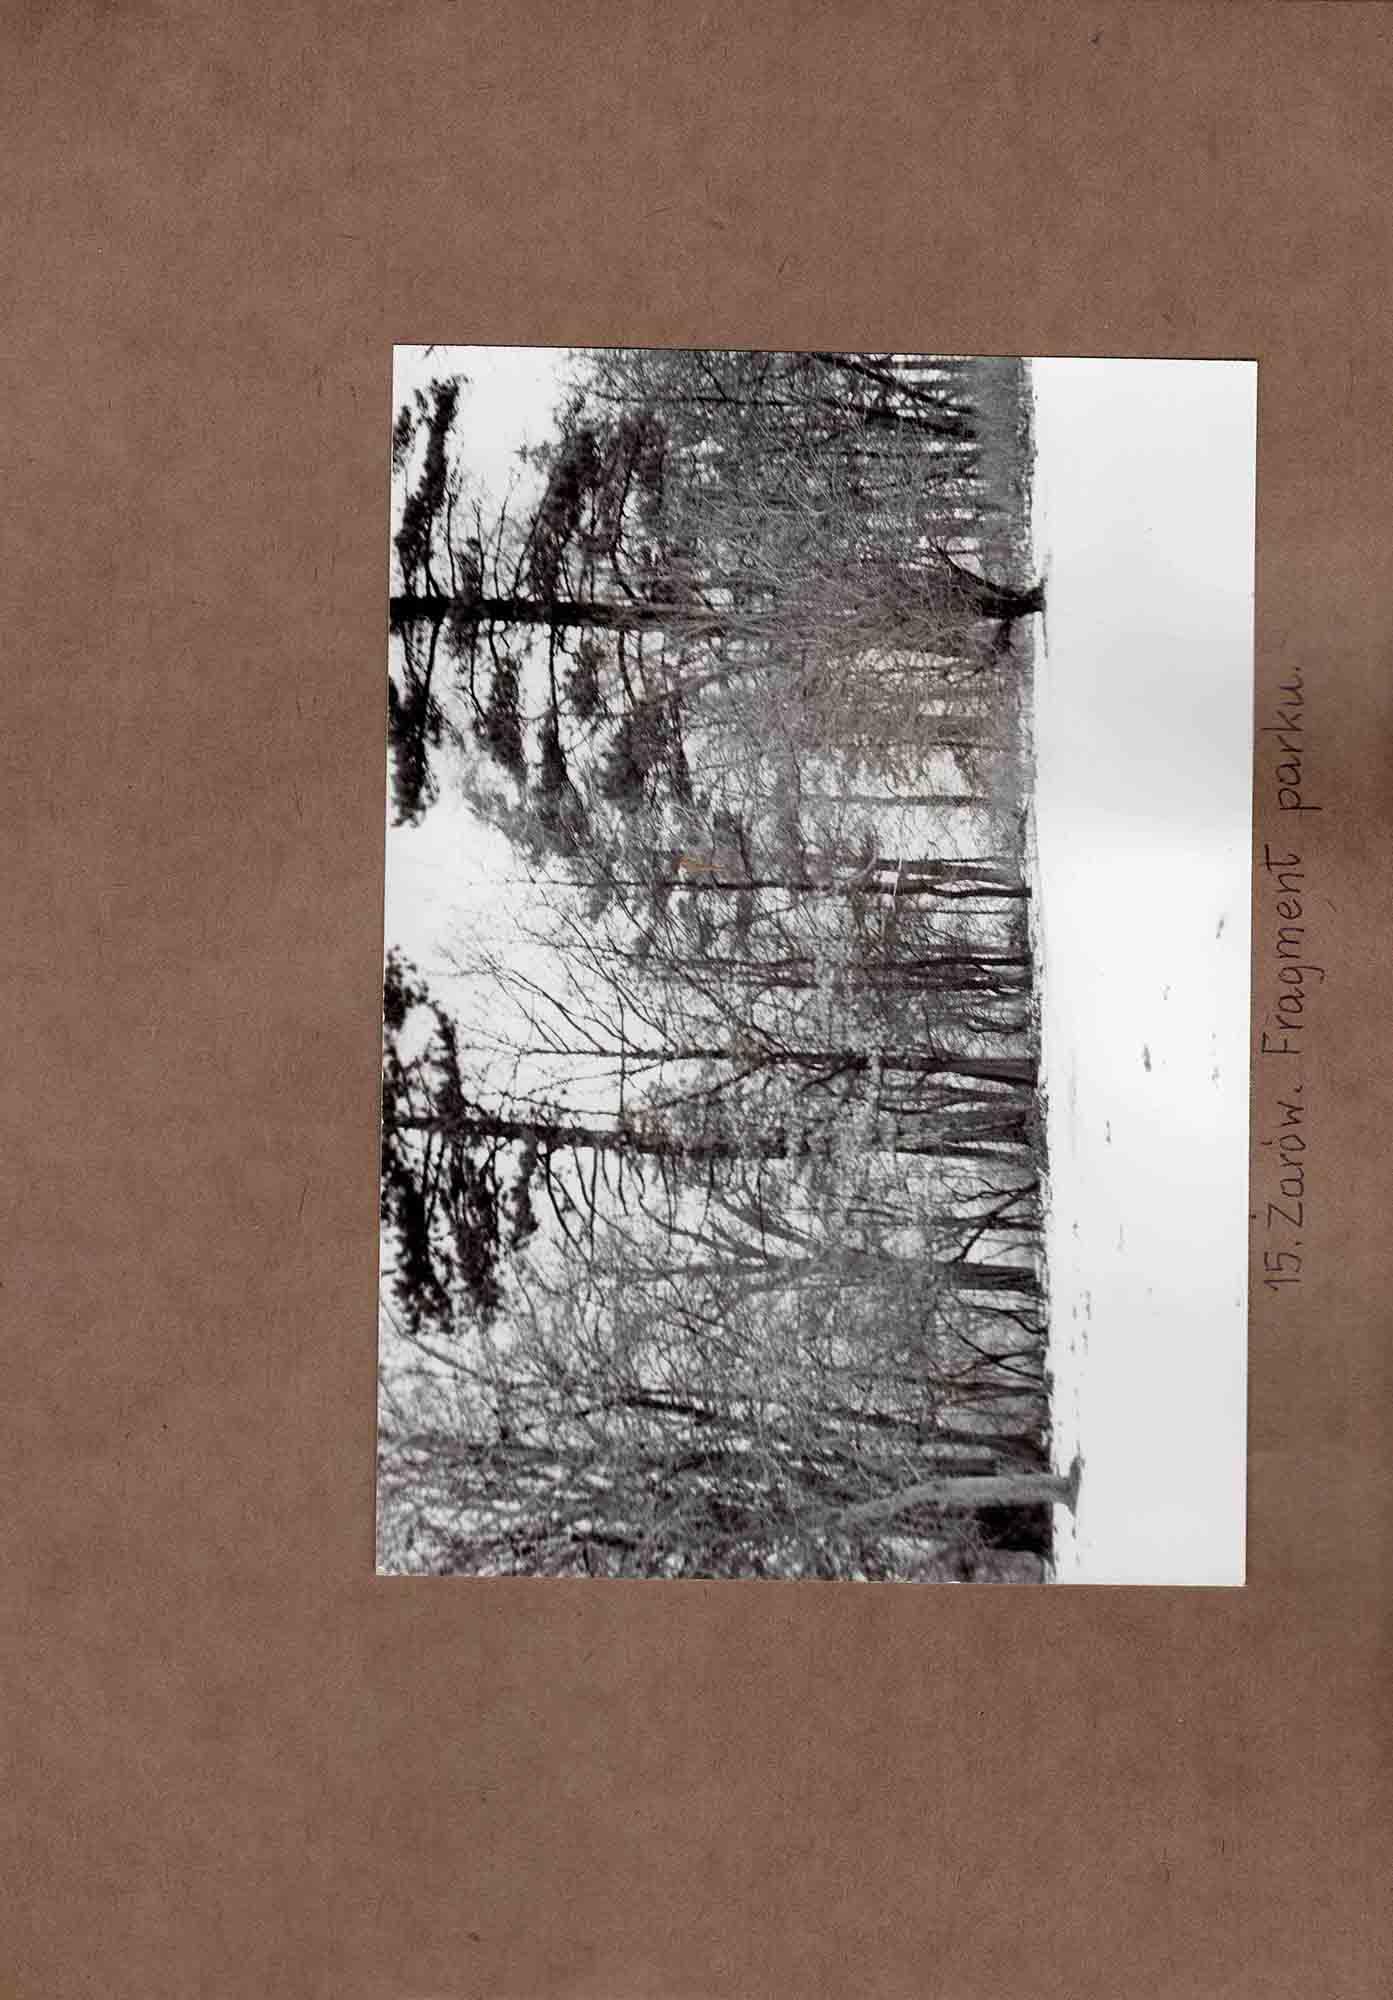 Ewidencja założenia ogrodowo-parkowego 1987 dokument (29)